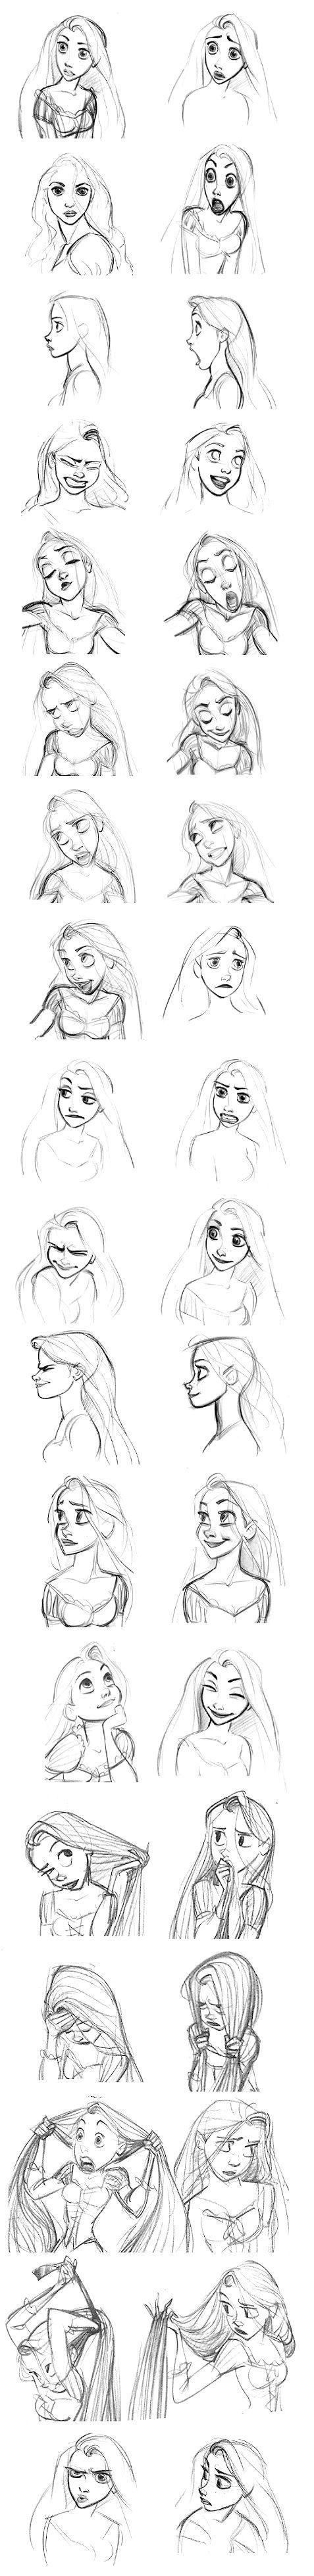 Rapunzel facial expressions